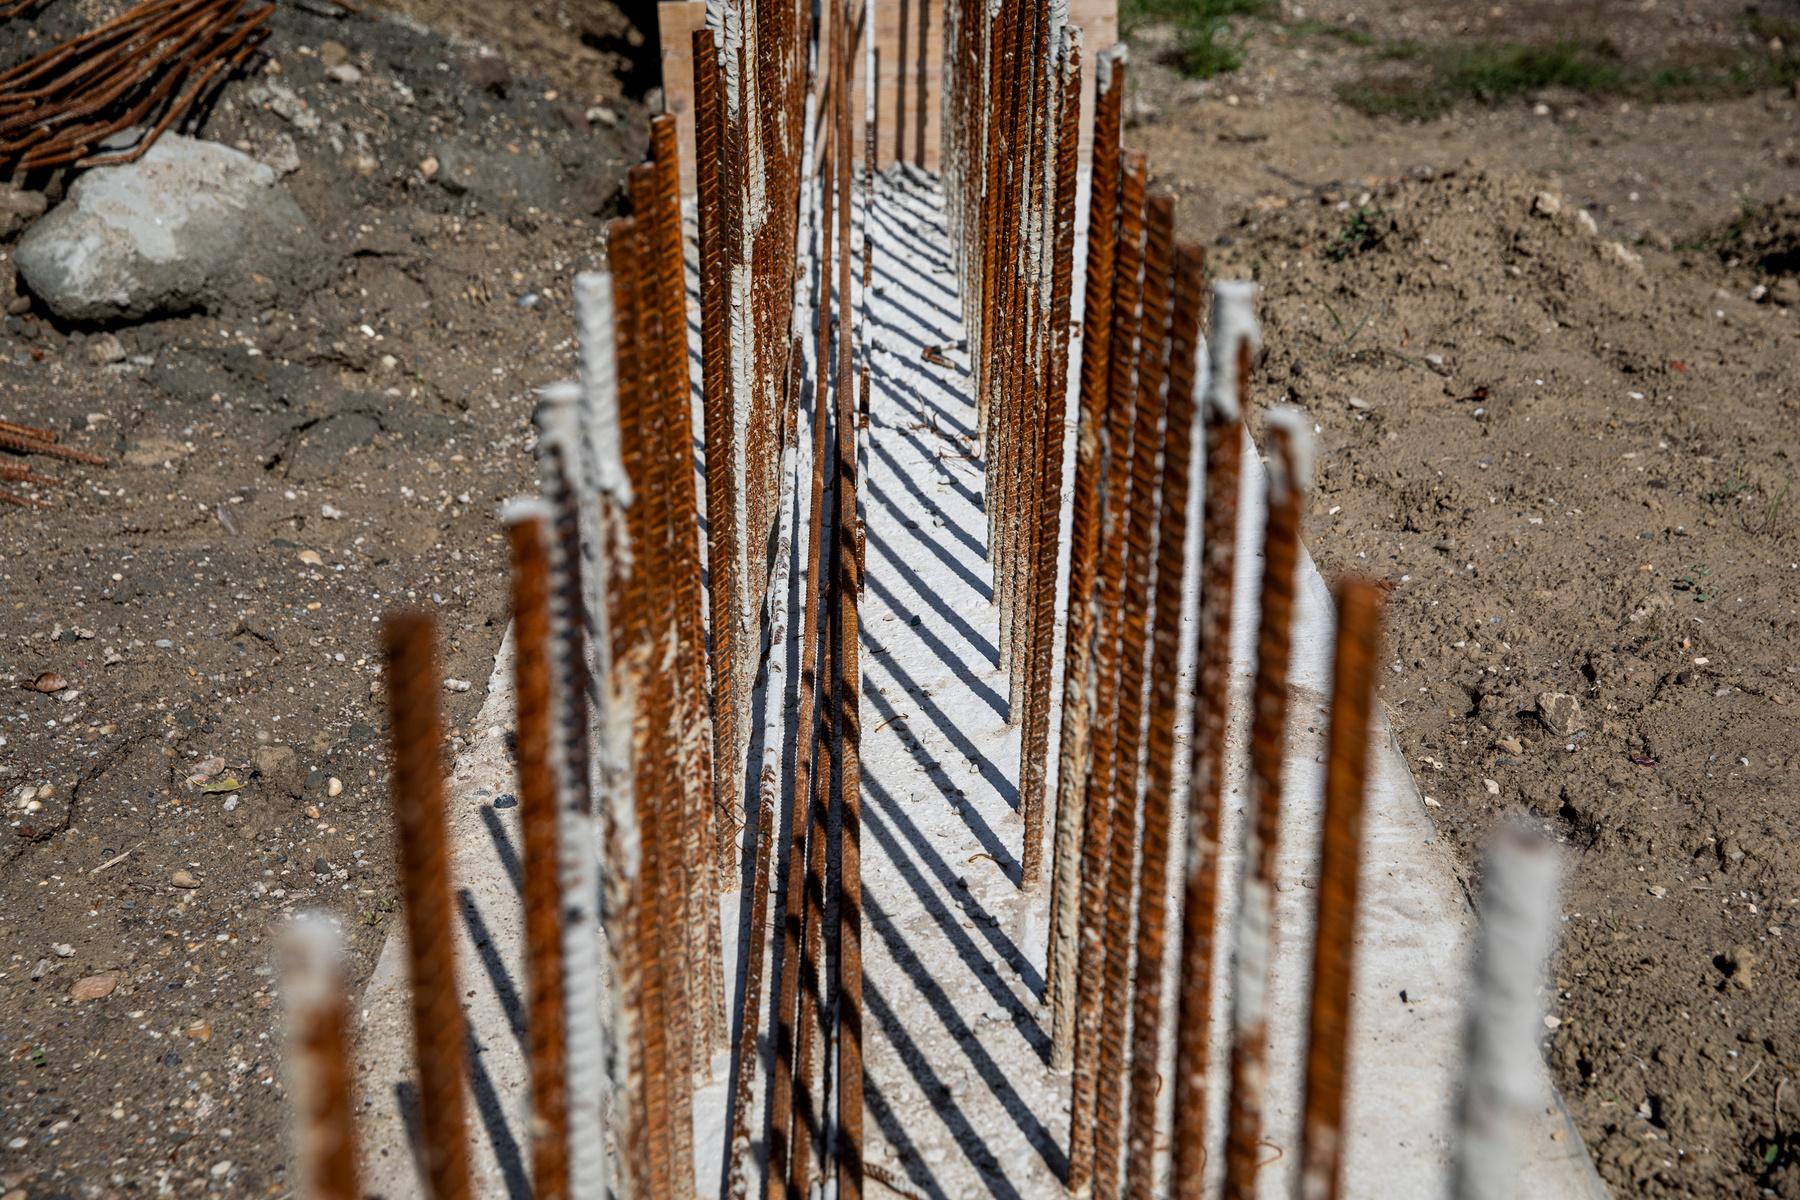 Ez a pluszfal eredetileg egy méter magasan húzódott volna végig a gát tetején. A módosítás után a térdfal a leghosszabb szakaszon 40 centire áll csak ki a gátból, és 60 centi magas mobilgáttal fogják majd kiegészíteni, ha szükséges. A térdfalra gyorsan leszerelhető fa ülőkéket is tesznek majd. A pünkösdfürdői védmű nettó 2,26 milliárd forintba kerül, mely összegből a mobilfal költségei 120 millió forintot tesznek ki.